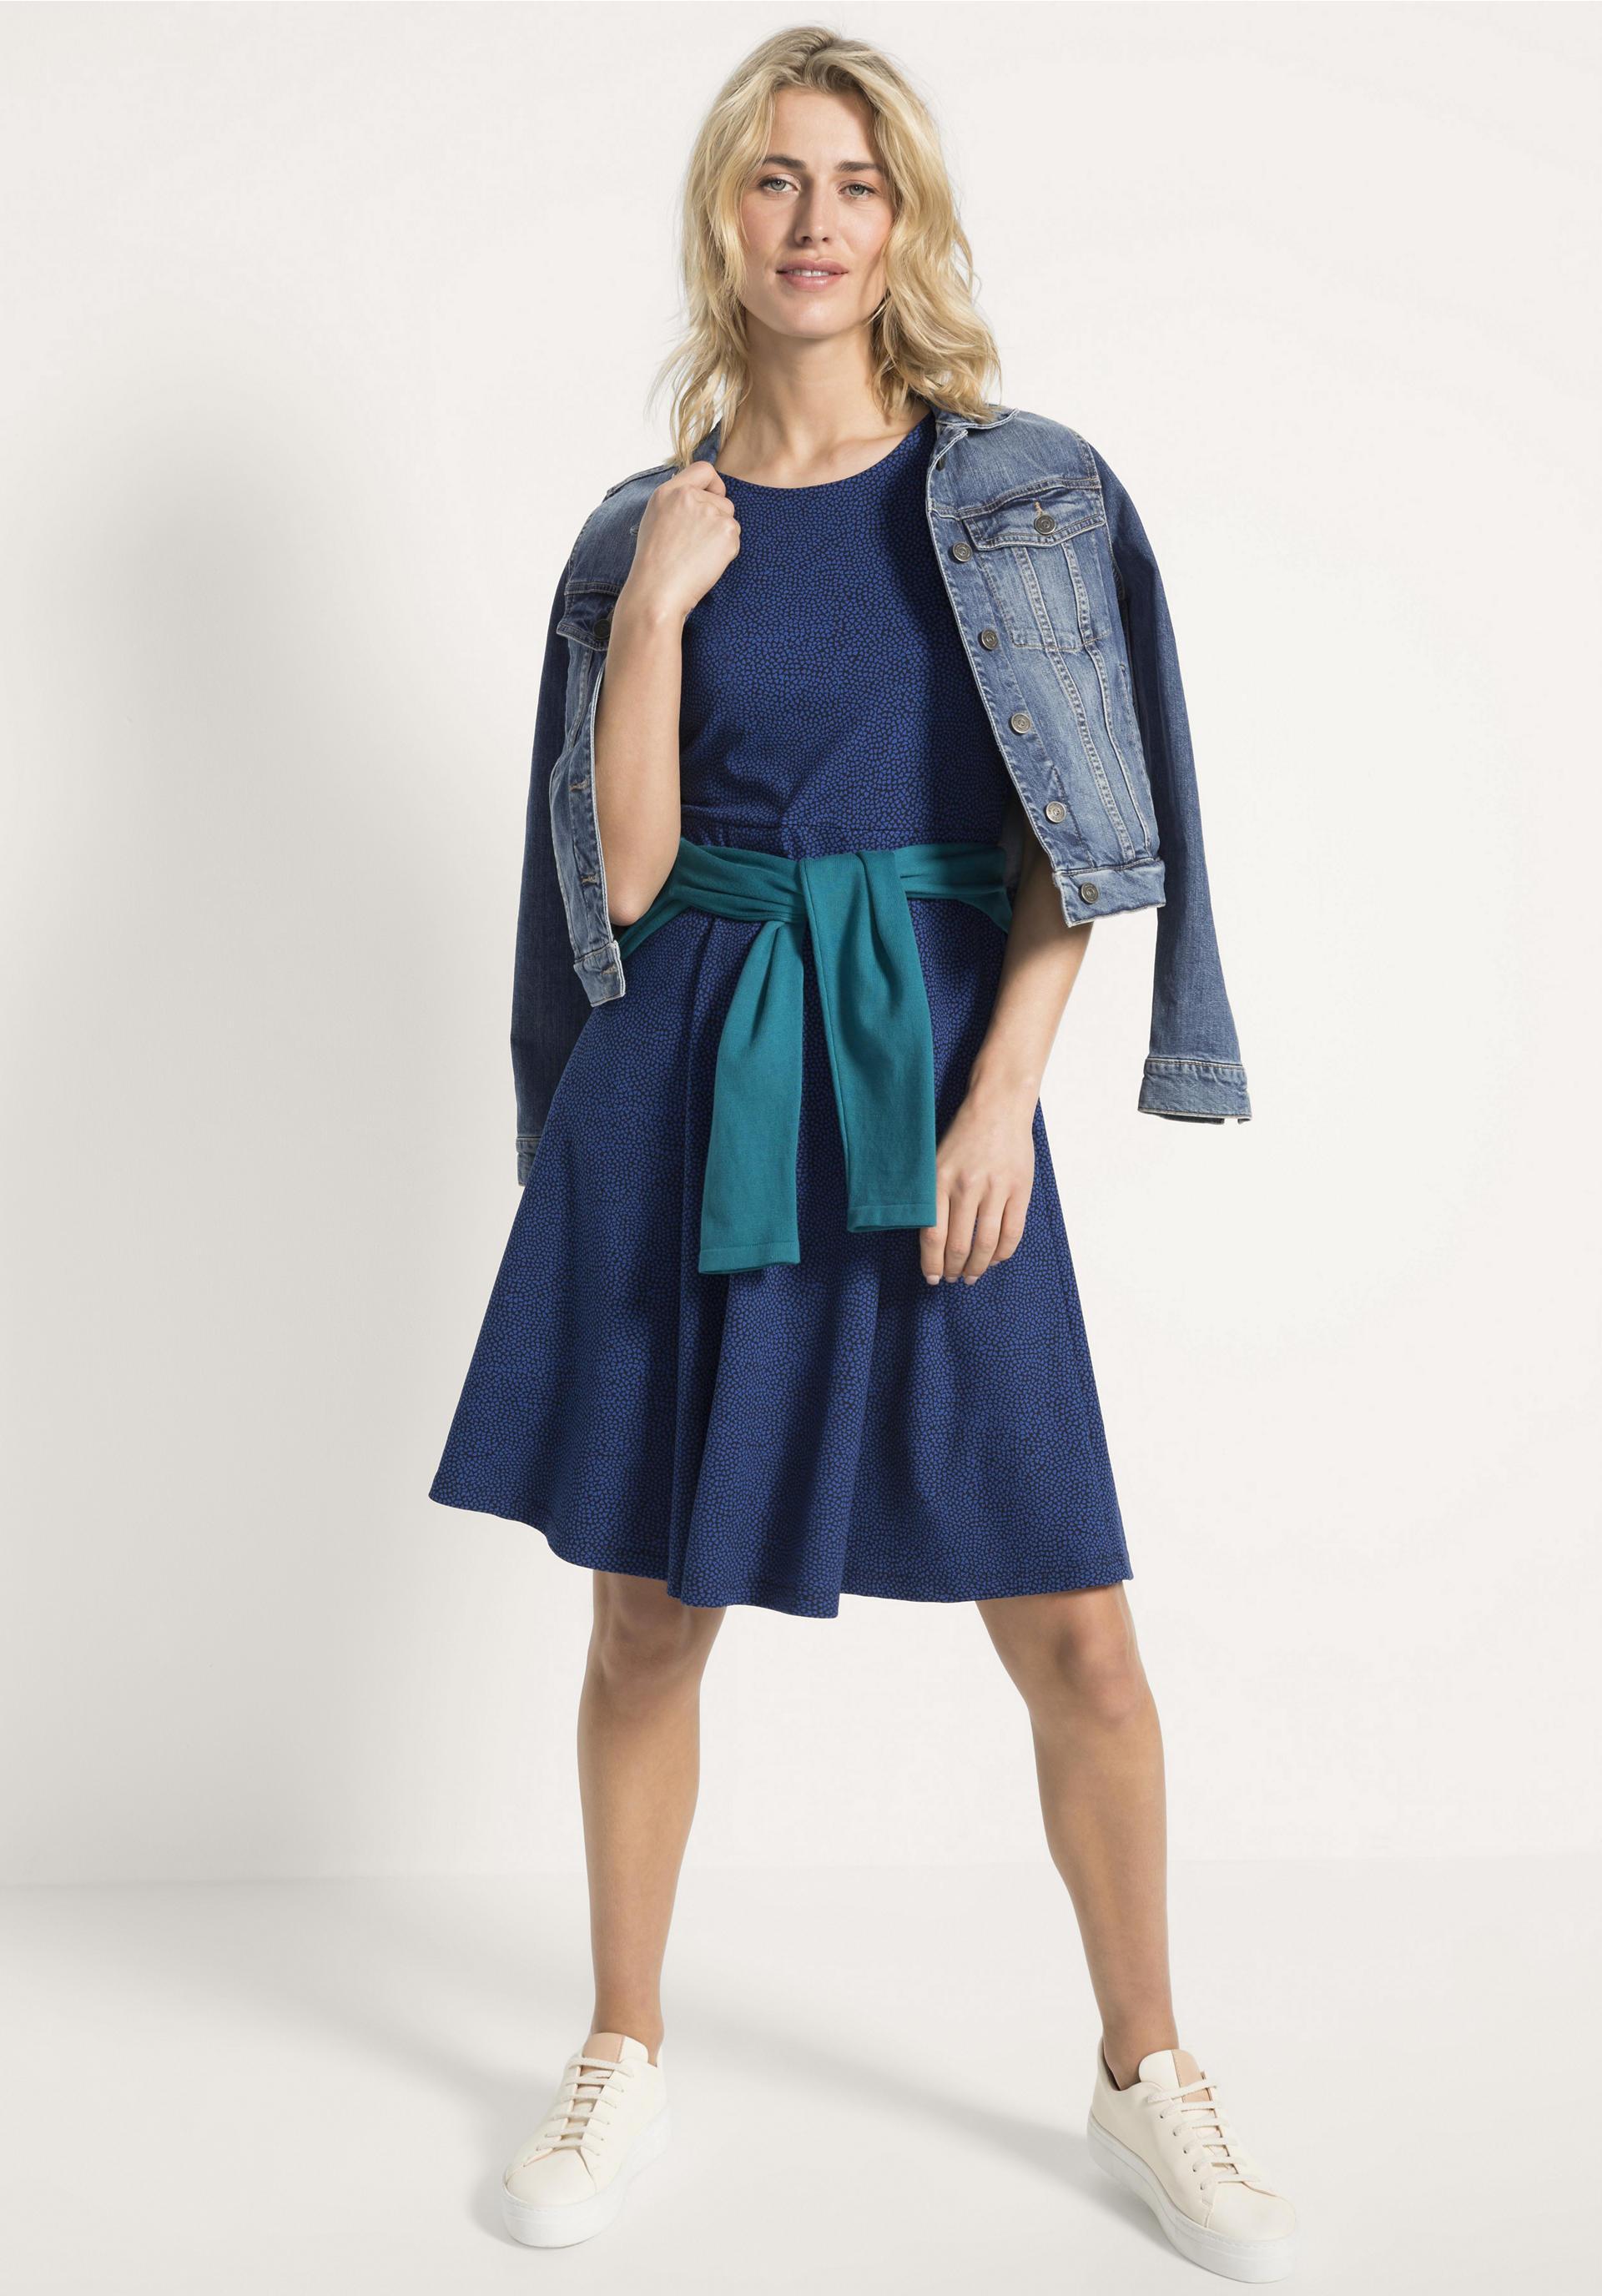 Designer Ausgezeichnet Edle Kleider Design20 Top Edle Kleider Design